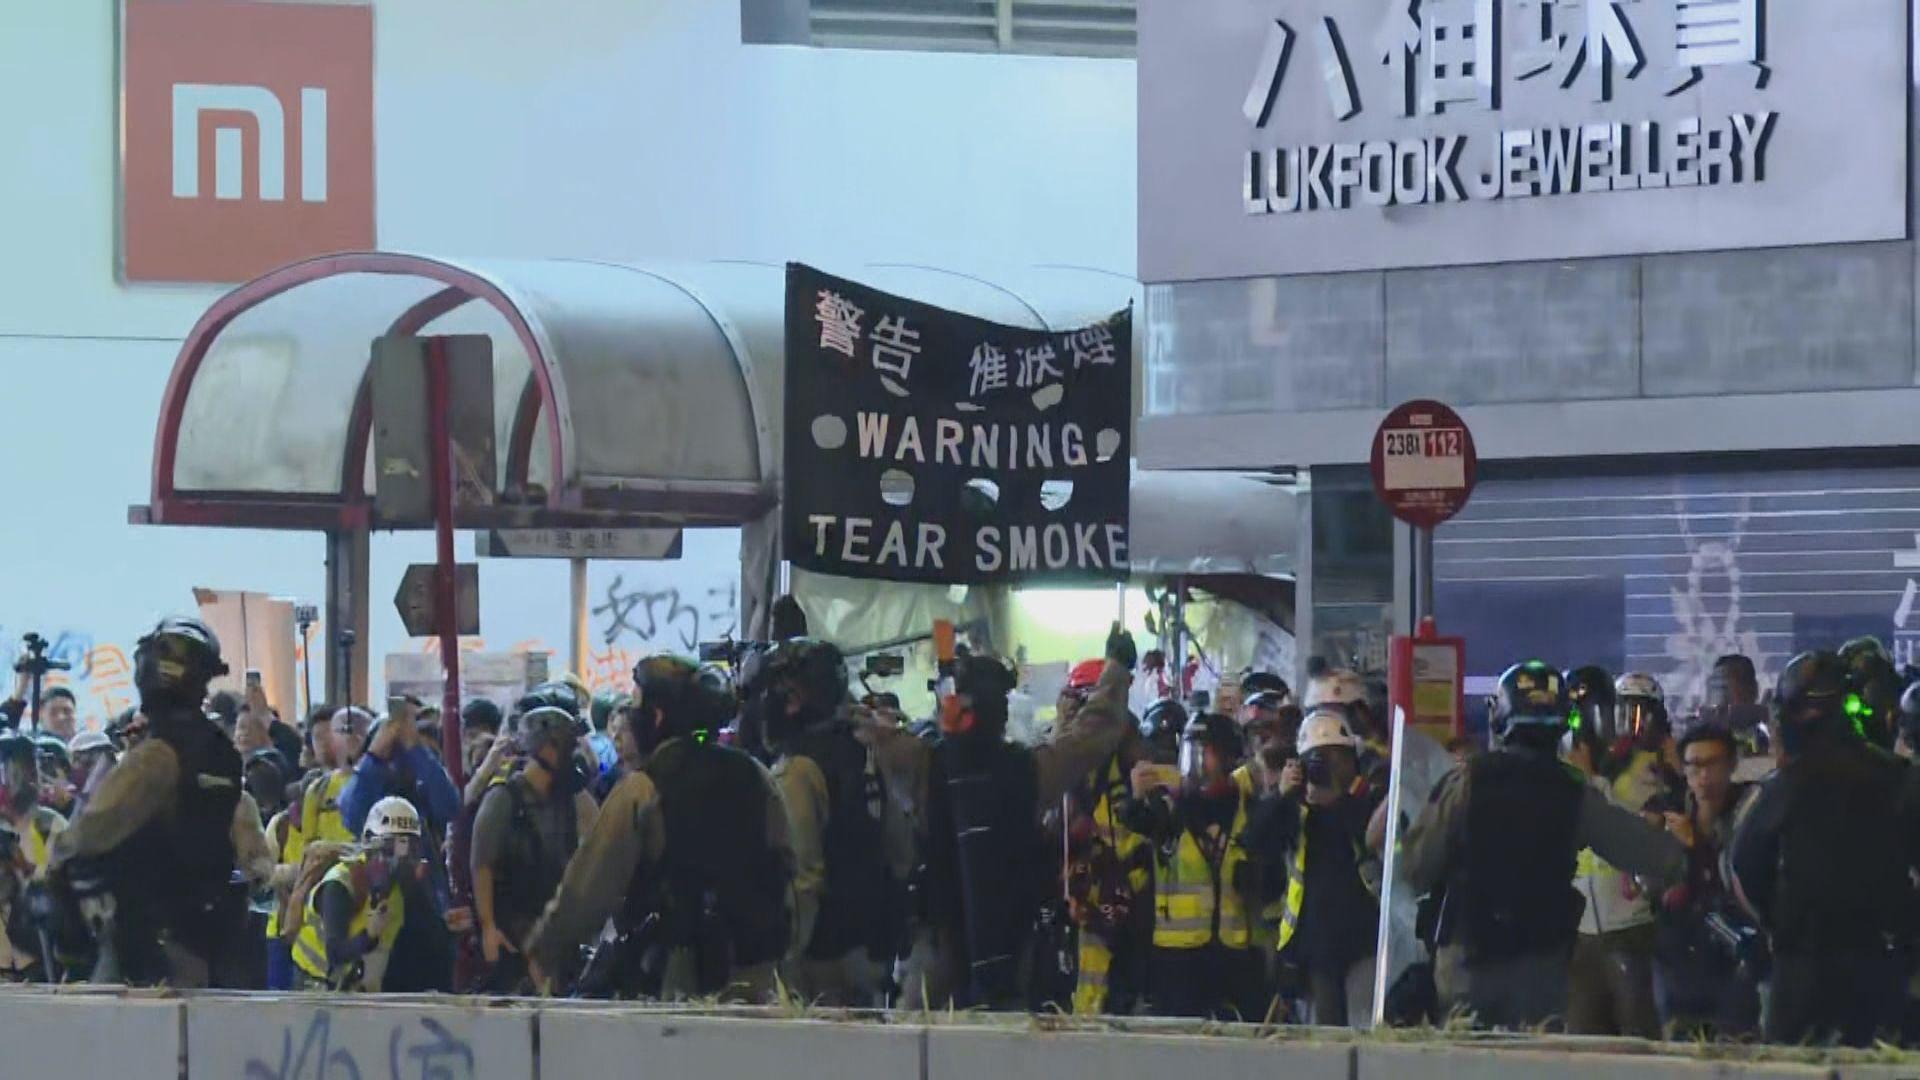 警方指旺角有人向警投玻璃樽 以催淚煙驅散